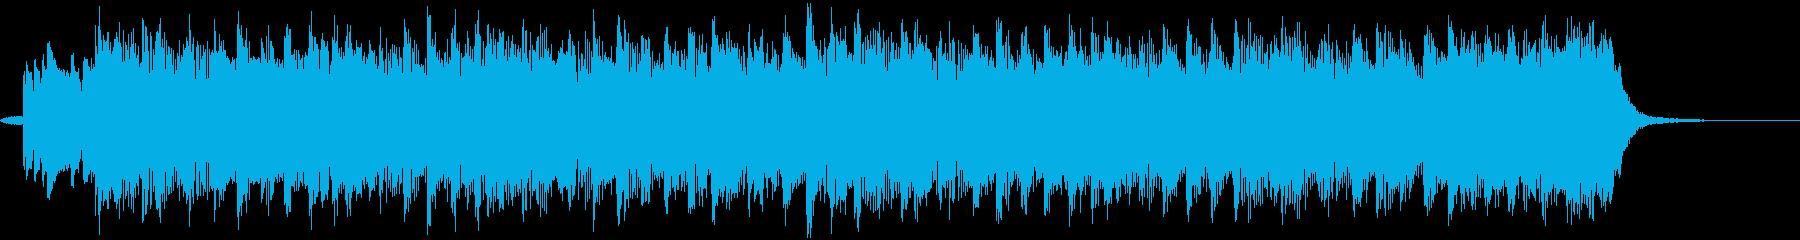 オバケやハロウィンに合うショートBGMの再生済みの波形